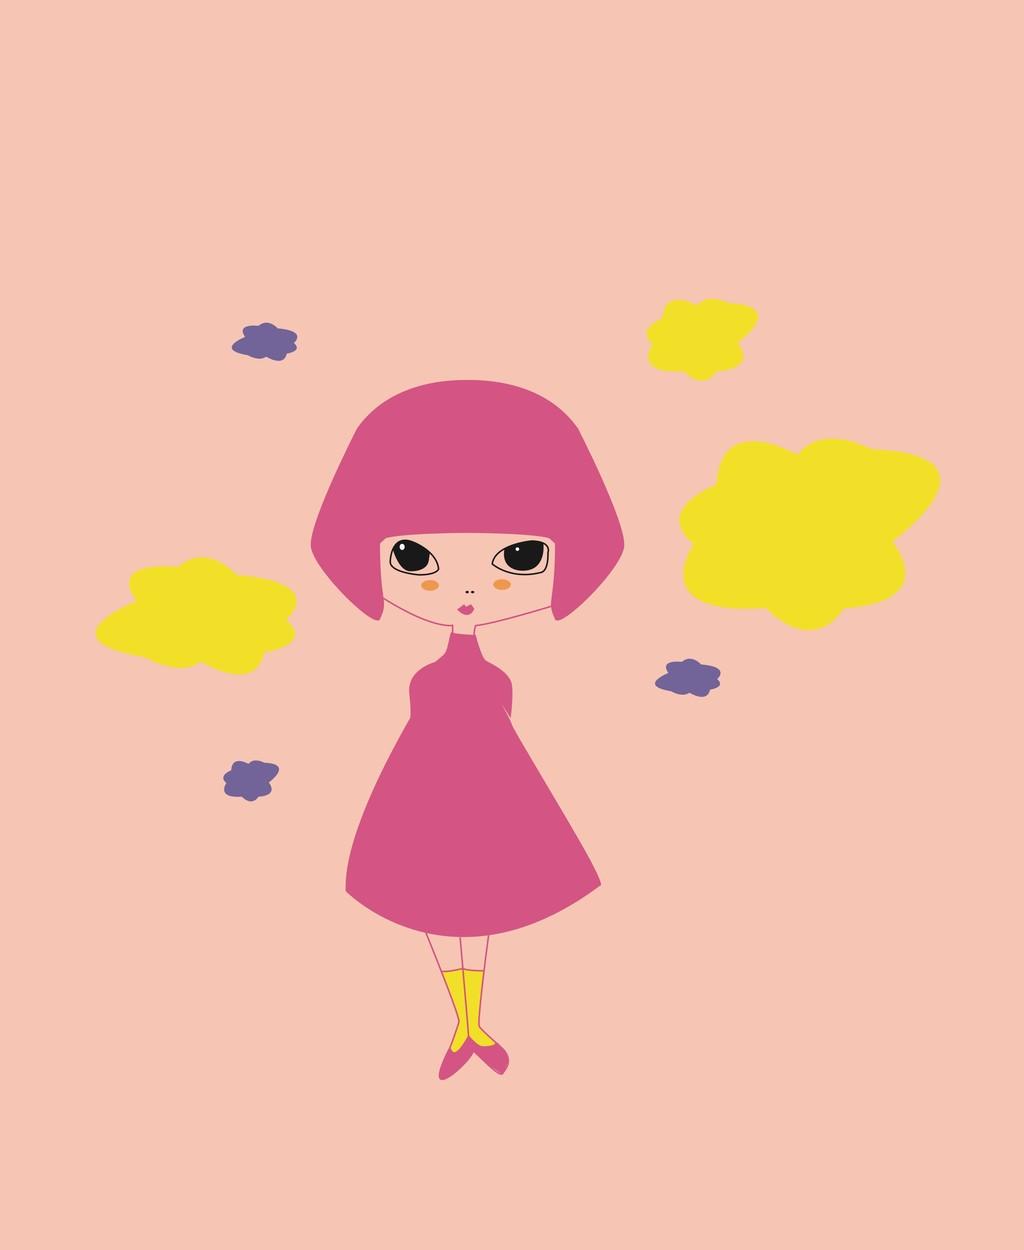 卡通动物图案卡通图案平面设计素材小女孩